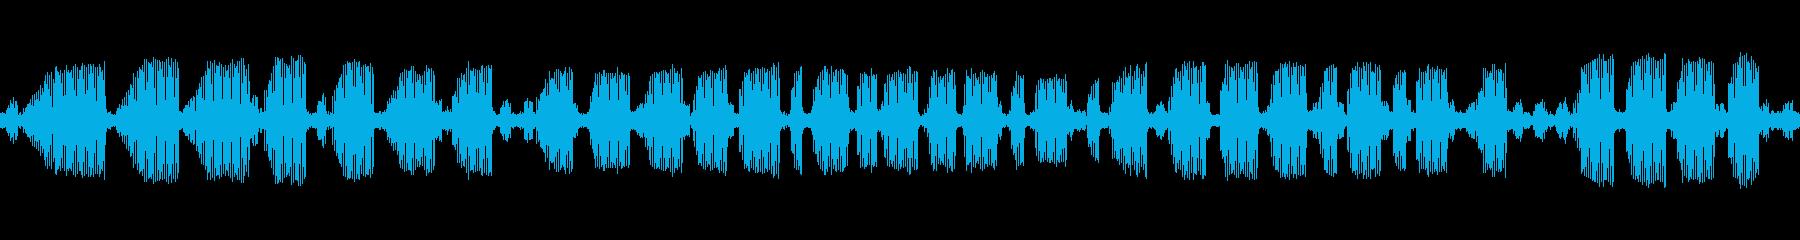 [秋の夜長] 虫の音-アオマツムシの再生済みの波形